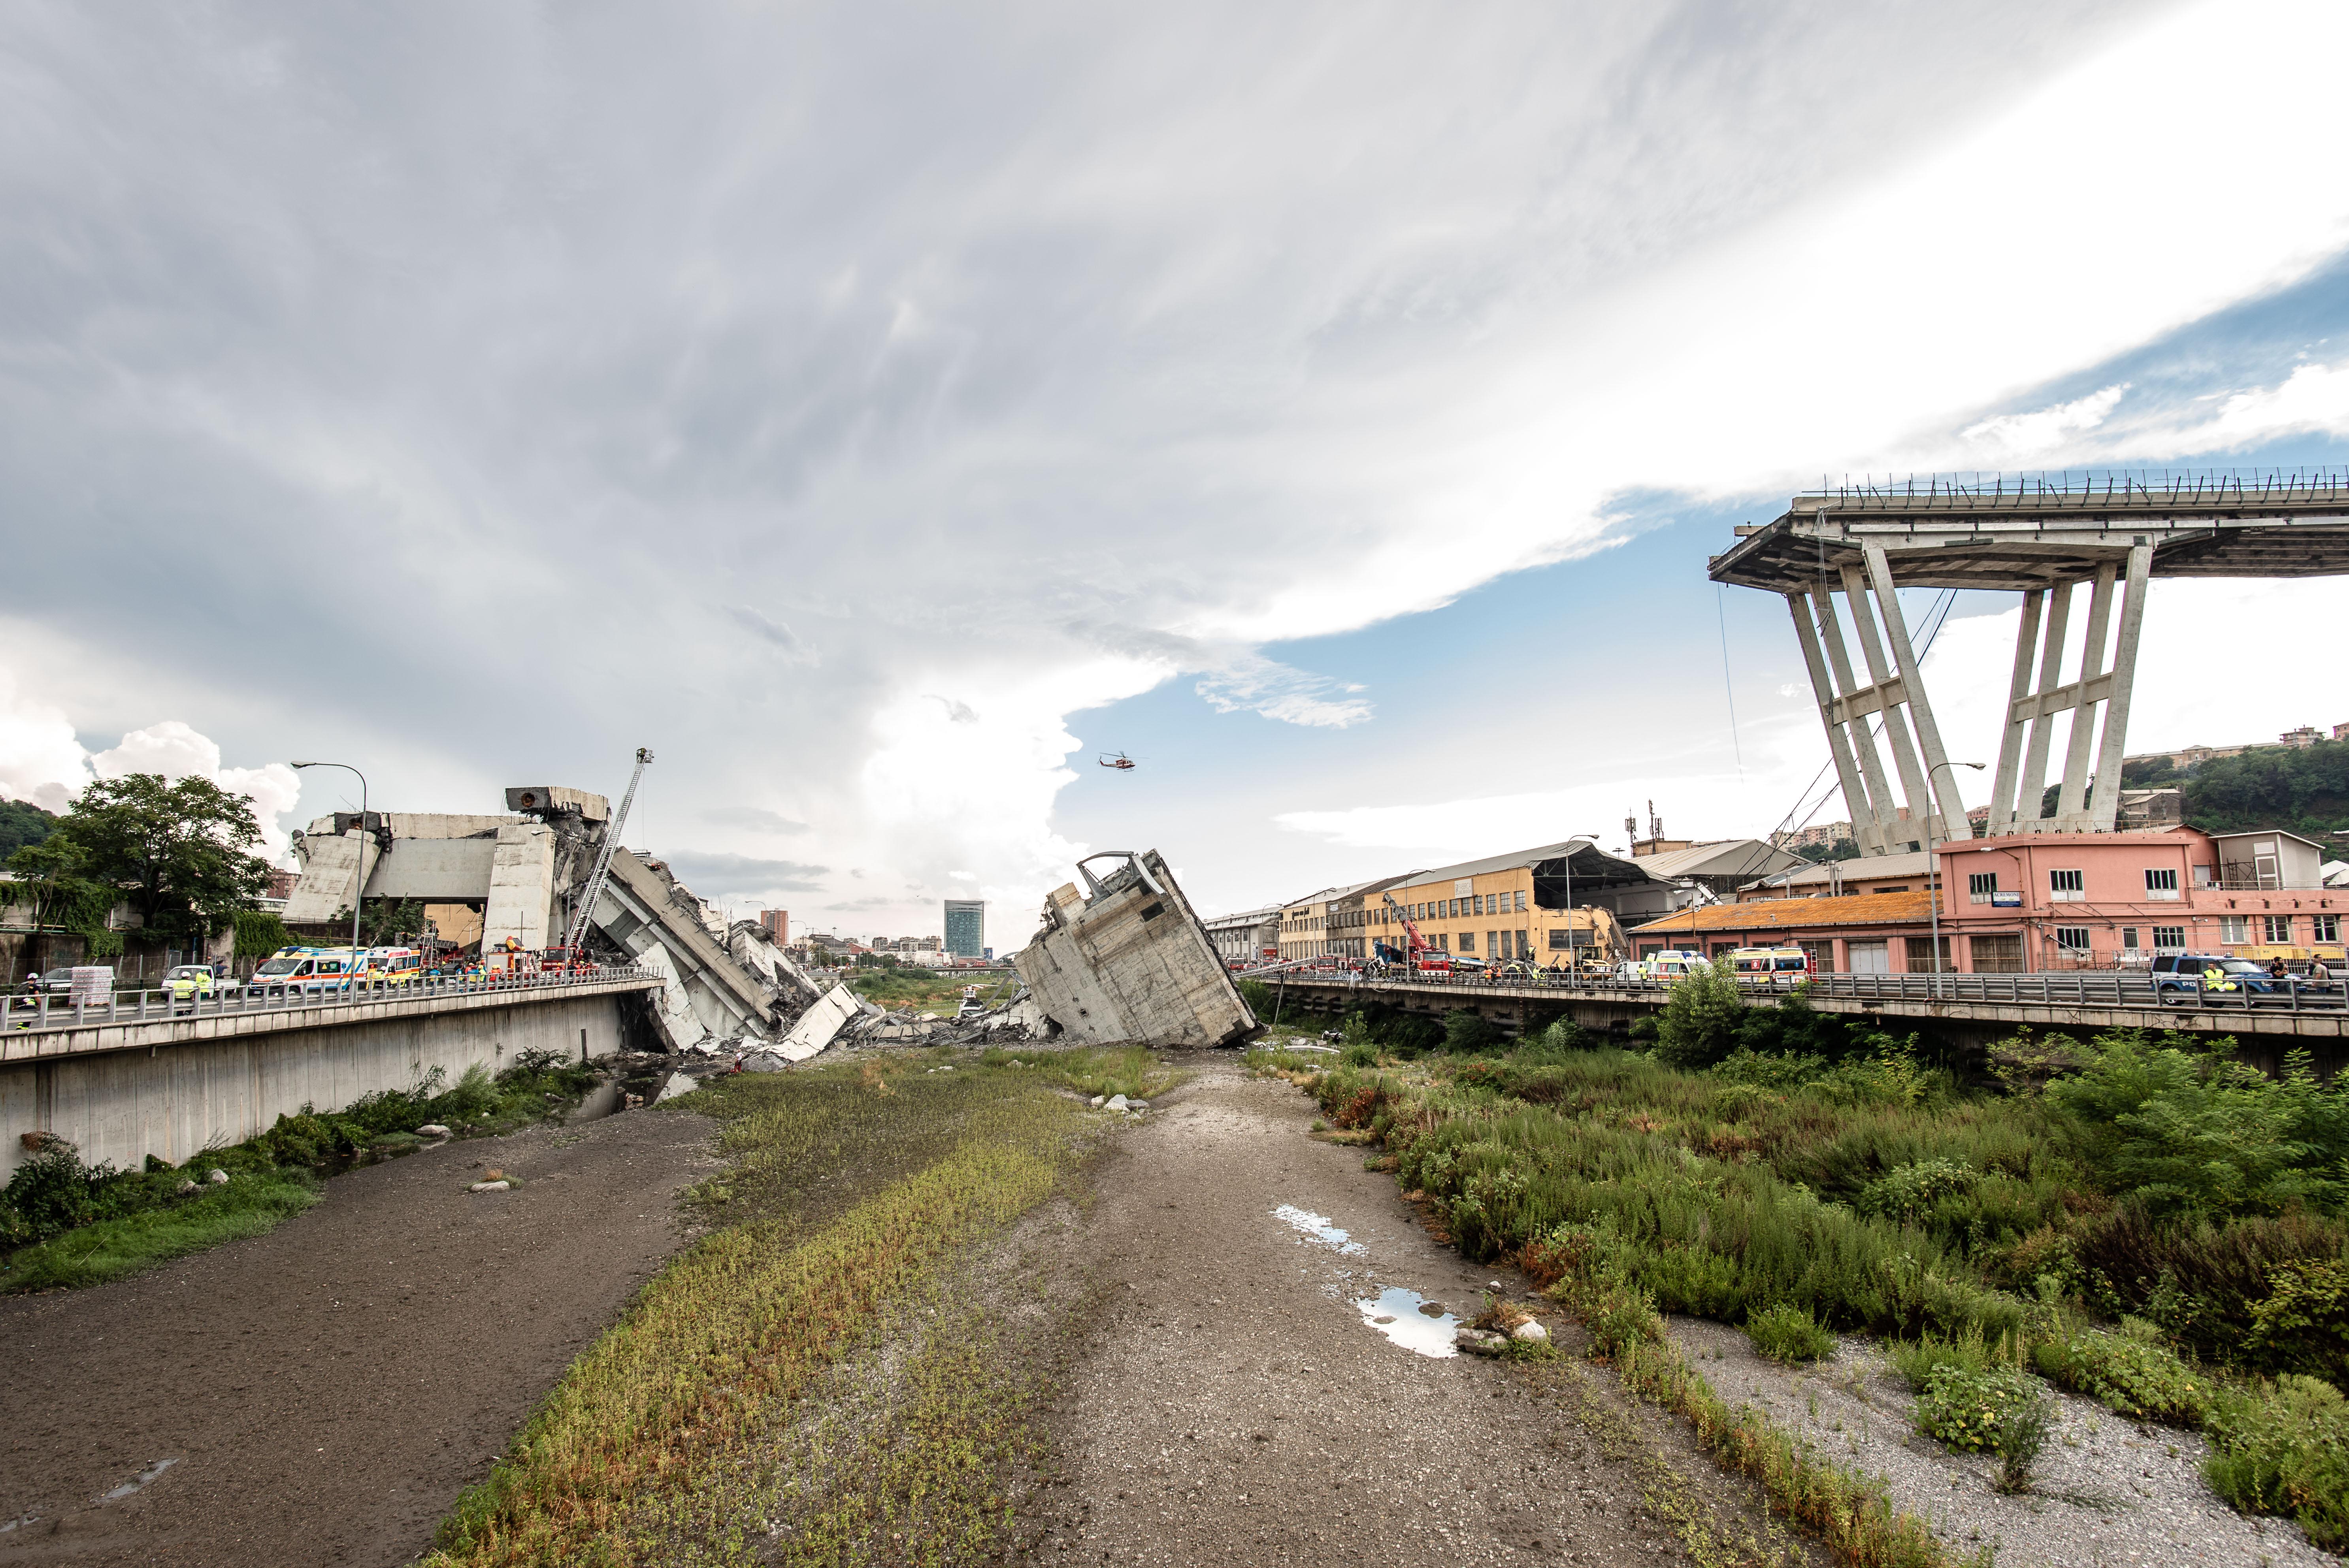 Genovában attól tartanak, hogy a híd további részei omlanak még le